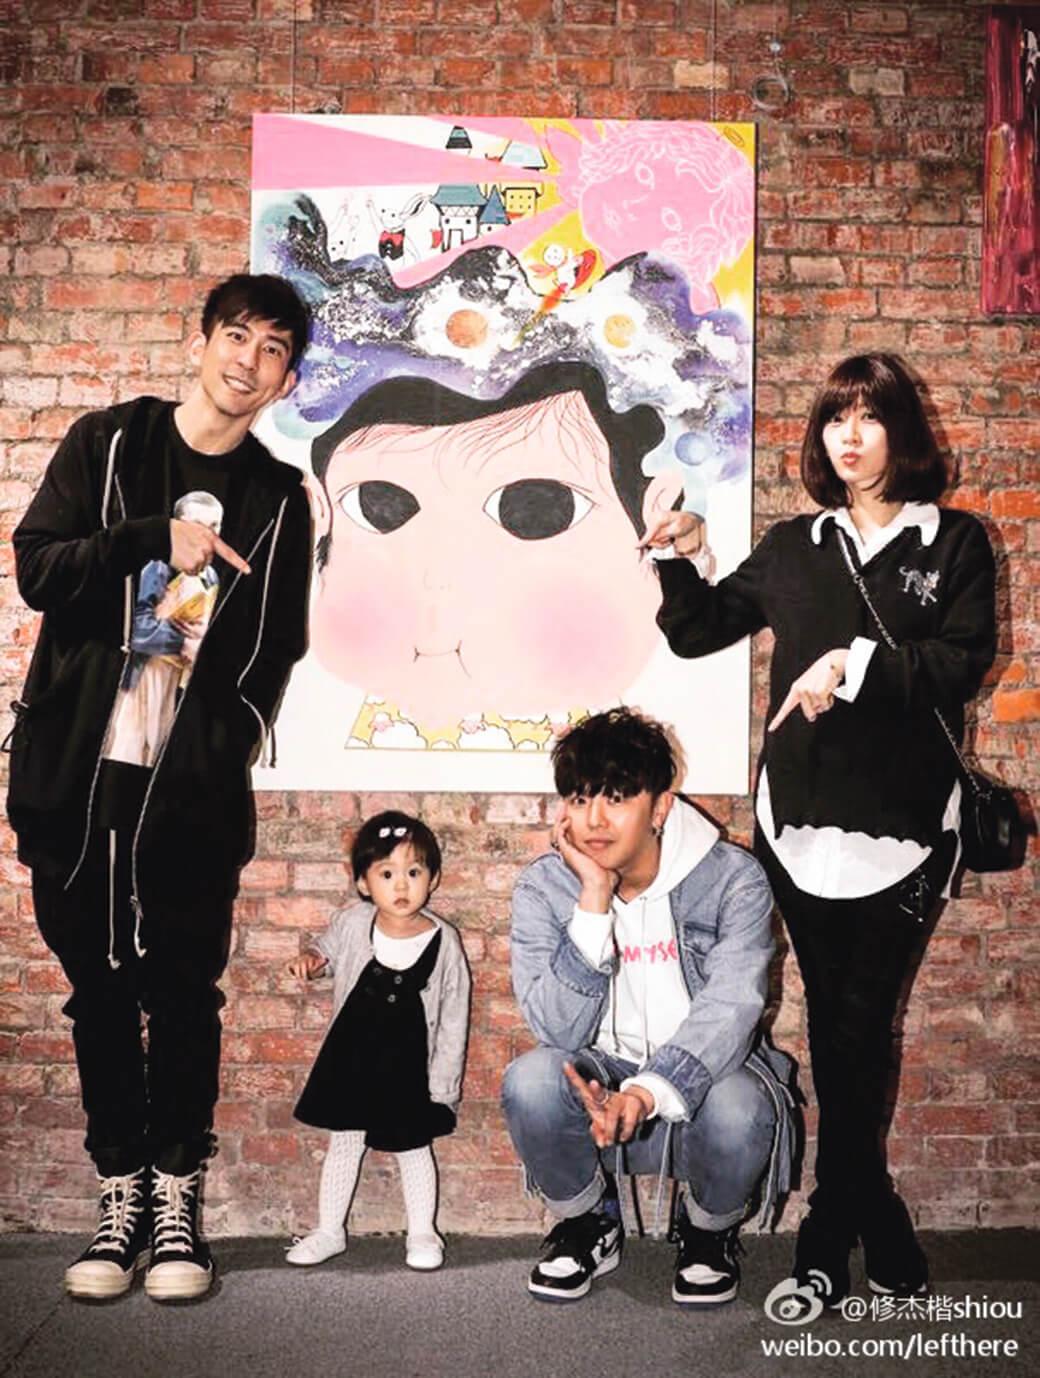 小鬼在台灣舉行畫展時,賈靜雯和丈夫修杰楷帶可愛咘咘捧場。